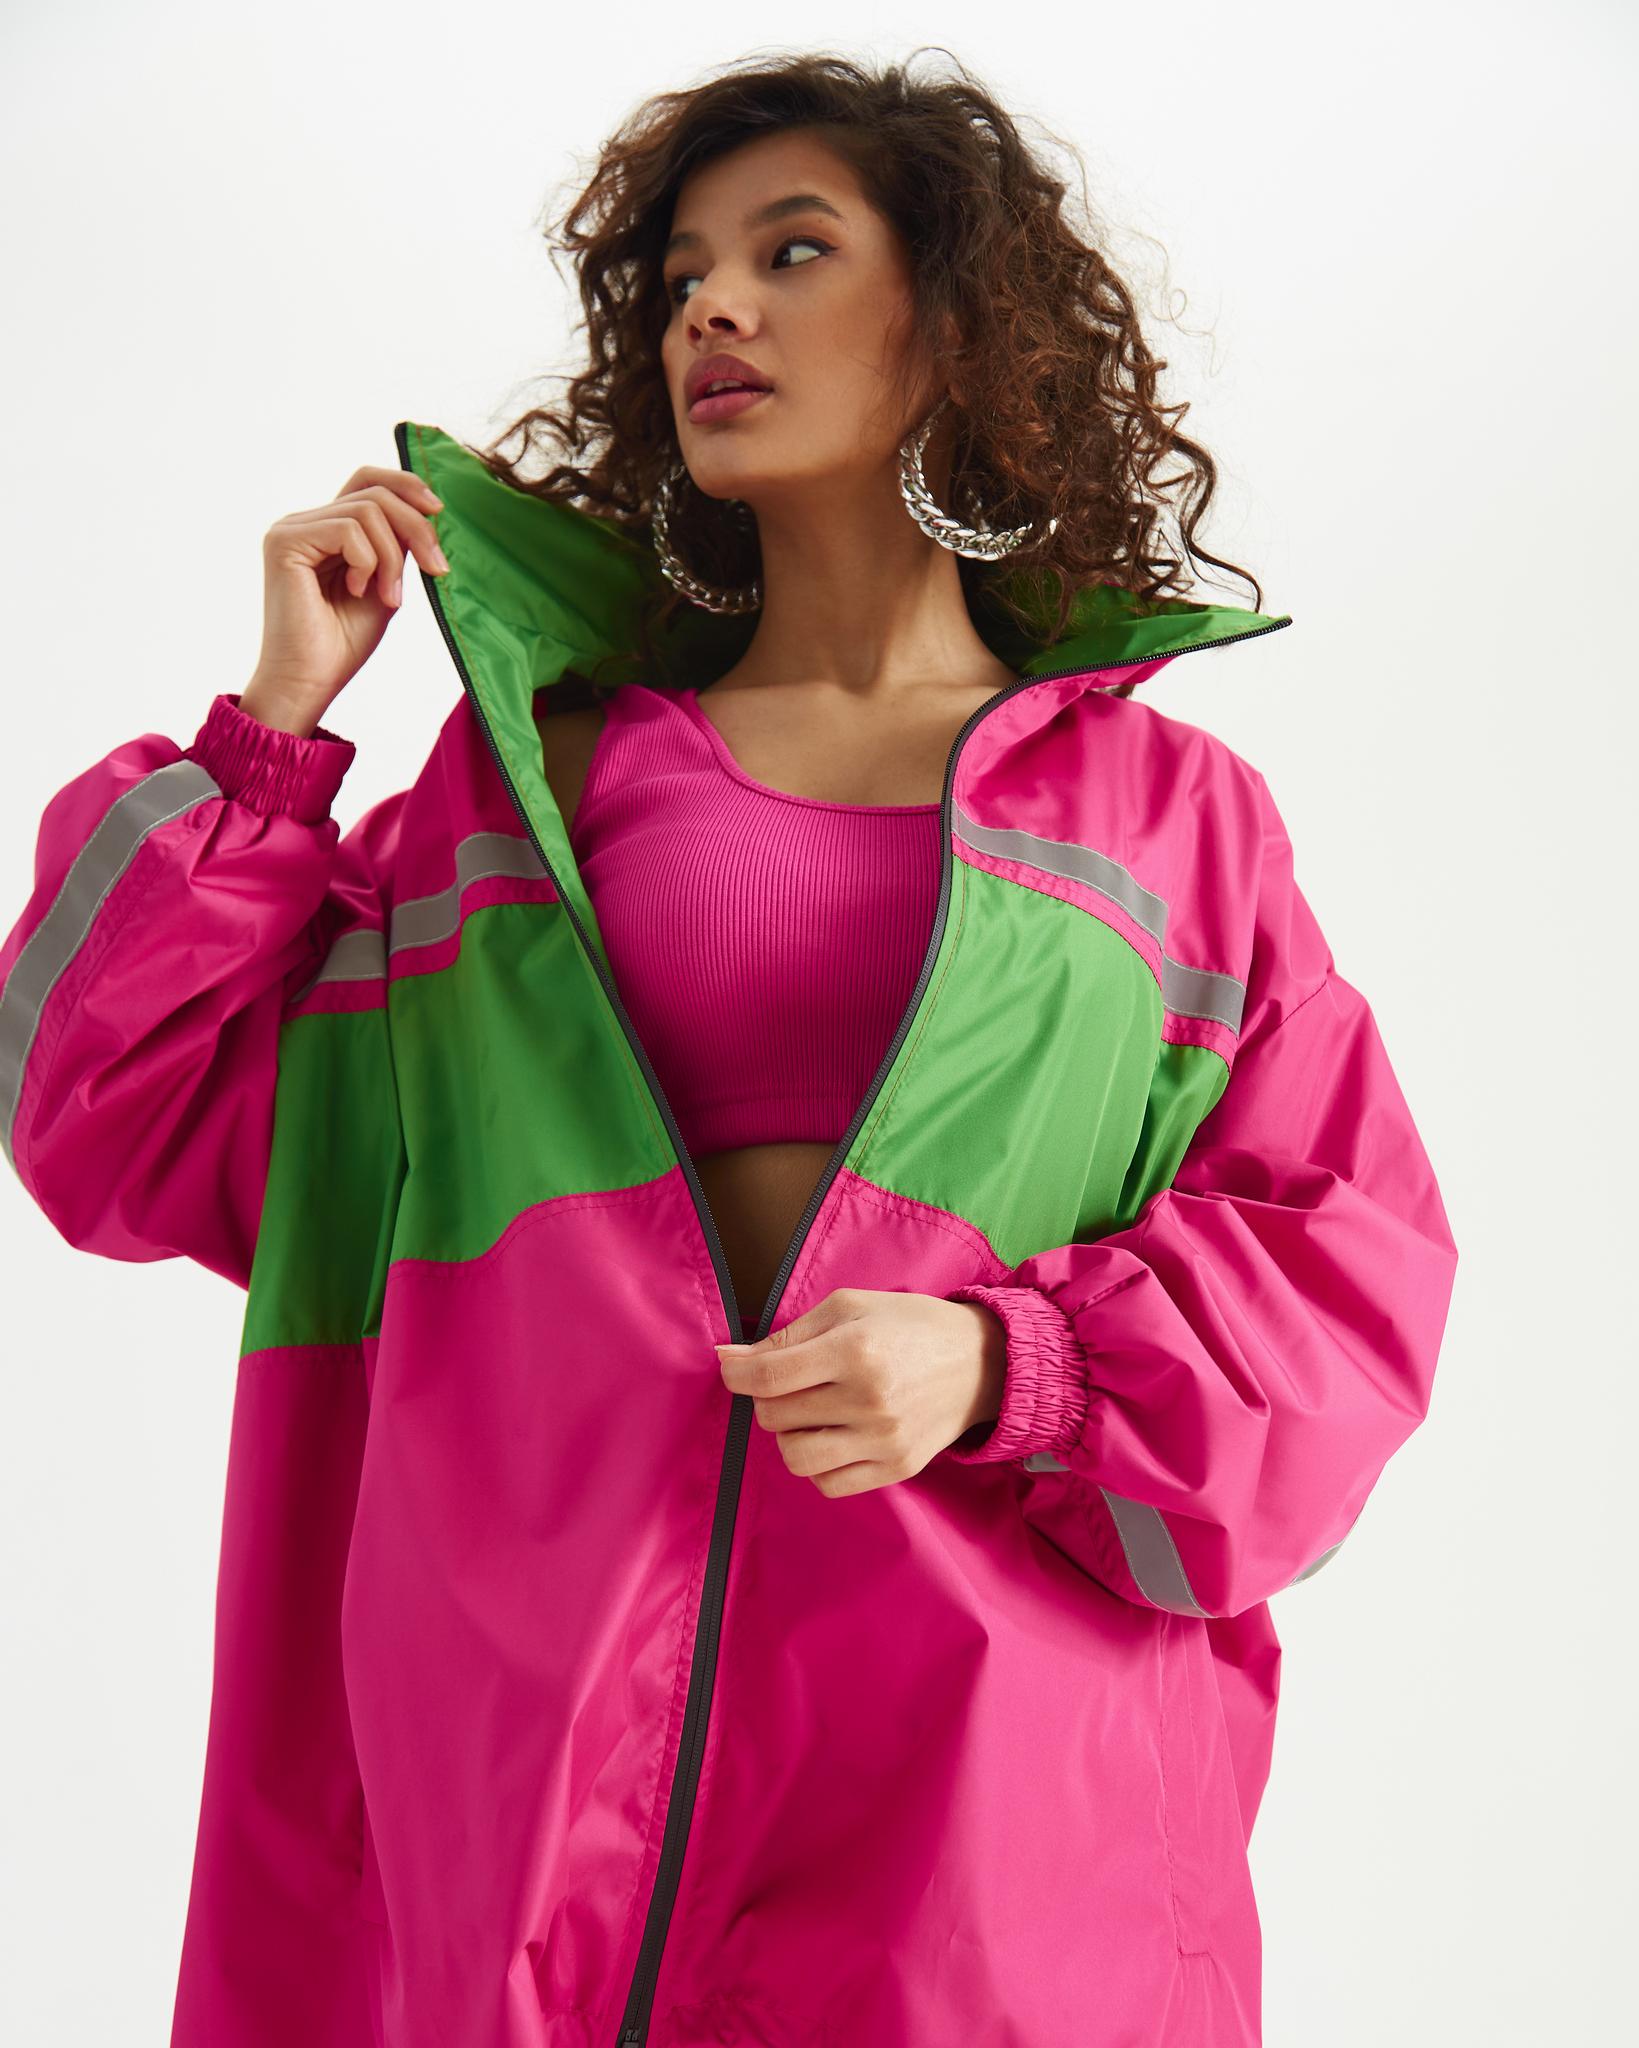 Ветровка Розовая с зелеными и неоновыми вставками